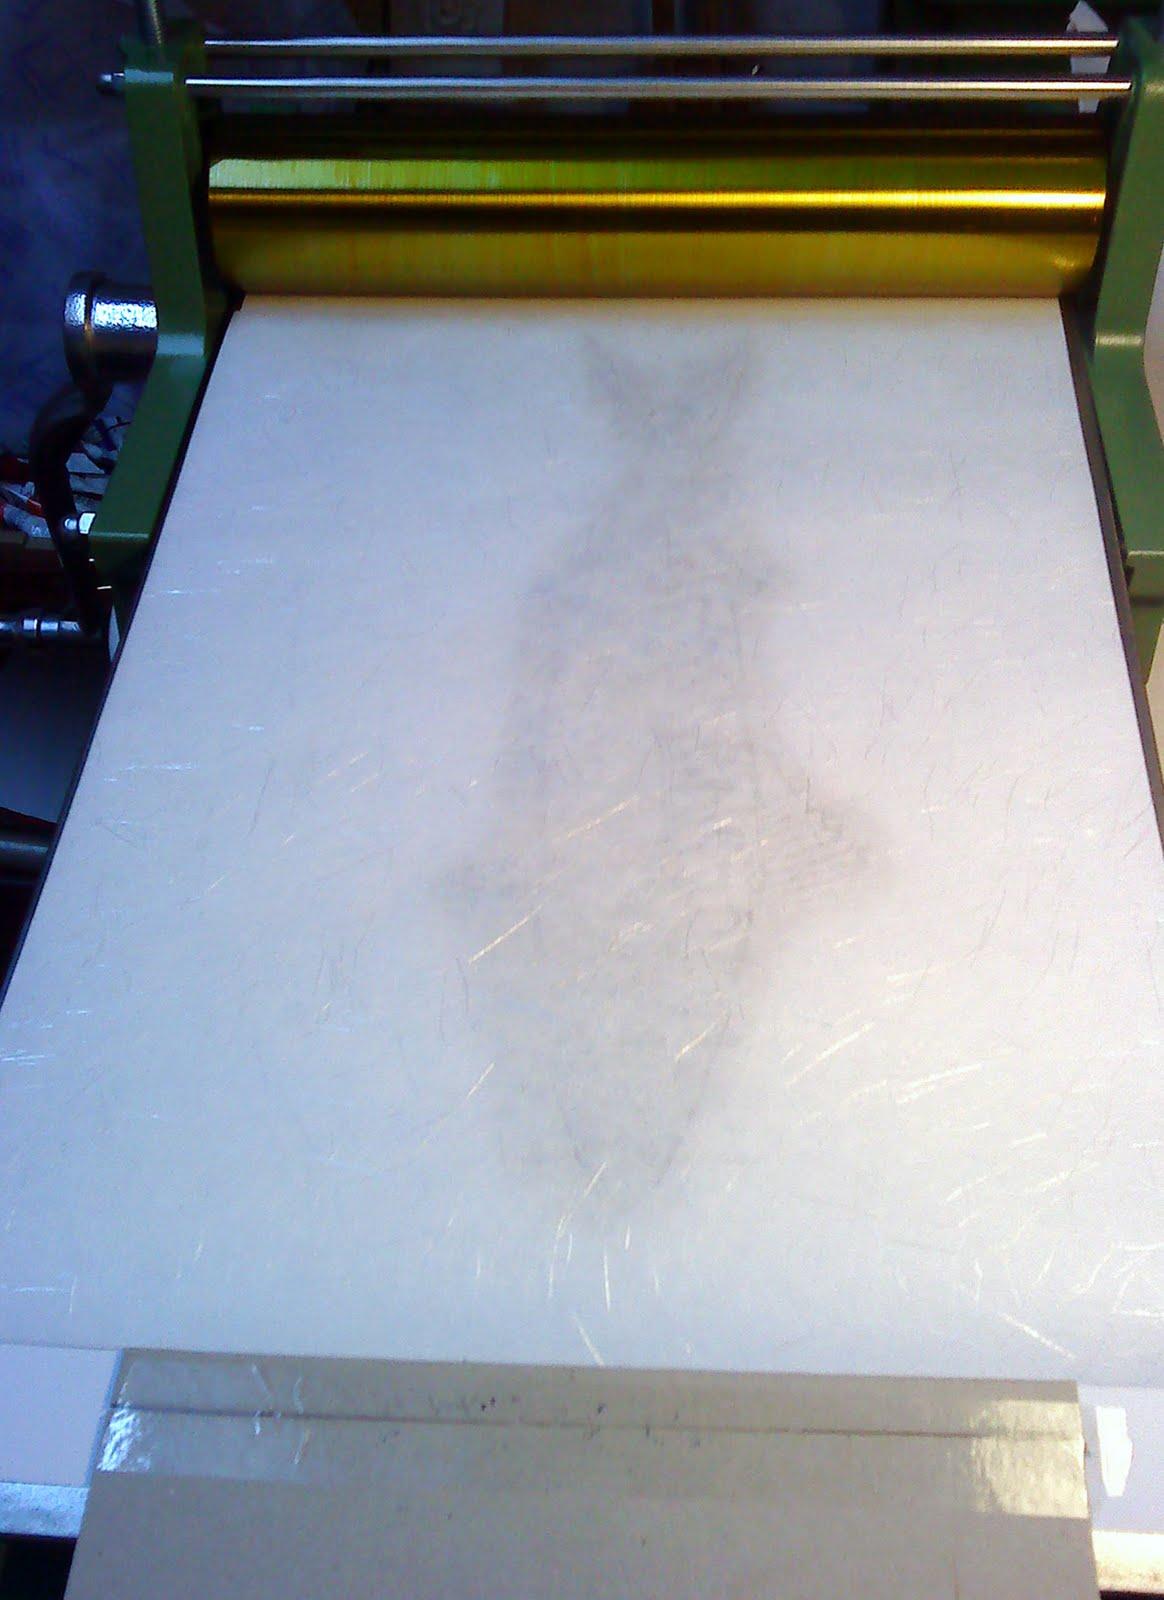 http://1.bp.blogspot.com/_3VvIgLSvr-Q/TGUgBRAgmEI/AAAAAAAAA5g/oT6gj--w1_U/s1600/+9+paper+laid+on+lino.jpg